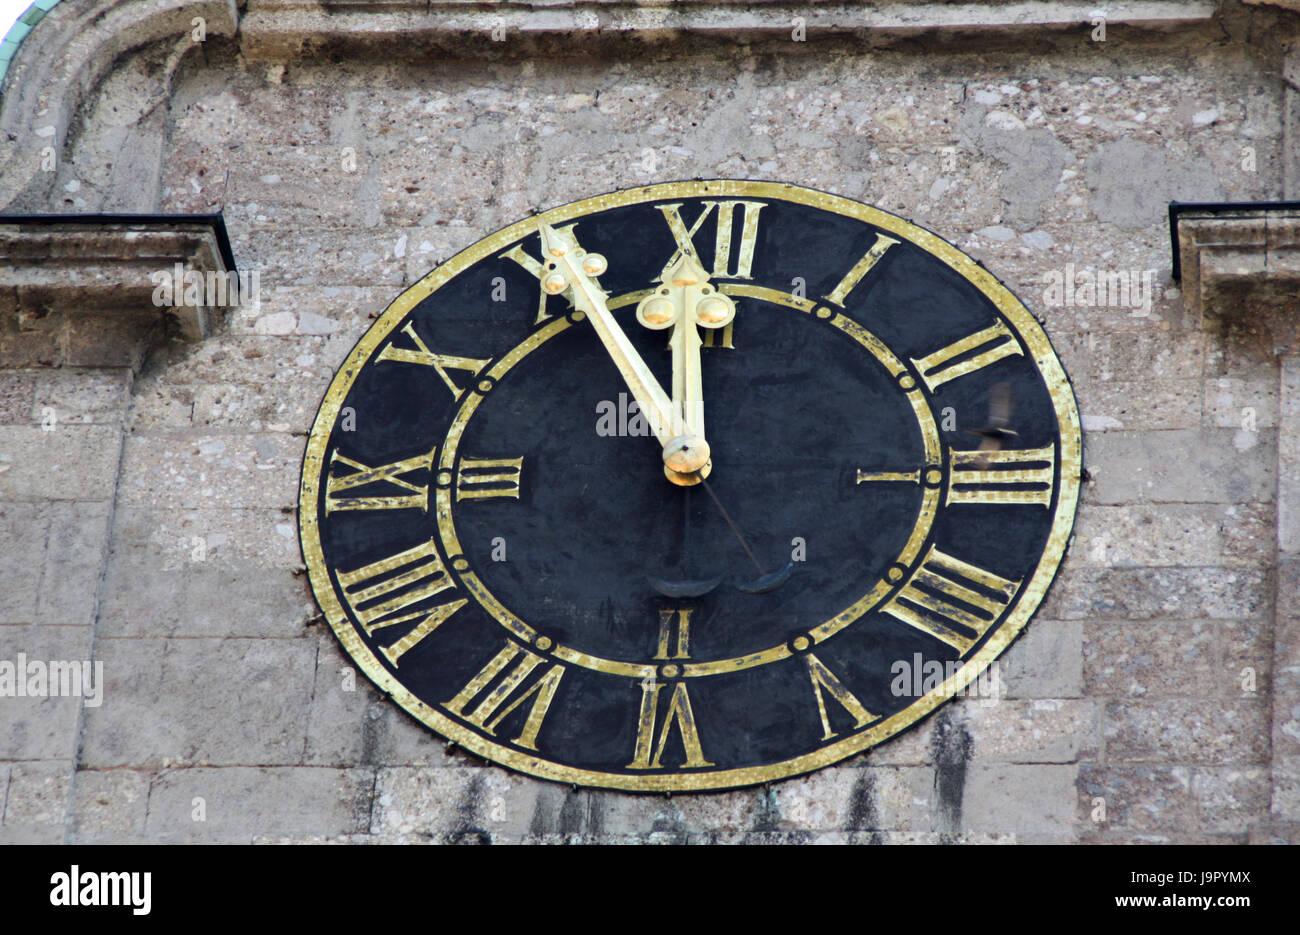 Uhr zeit uhrwerk wanduhr zeiger numerik zw lf optional f nf stockfoto bild 143719546 - Zeiger wanduhr ...